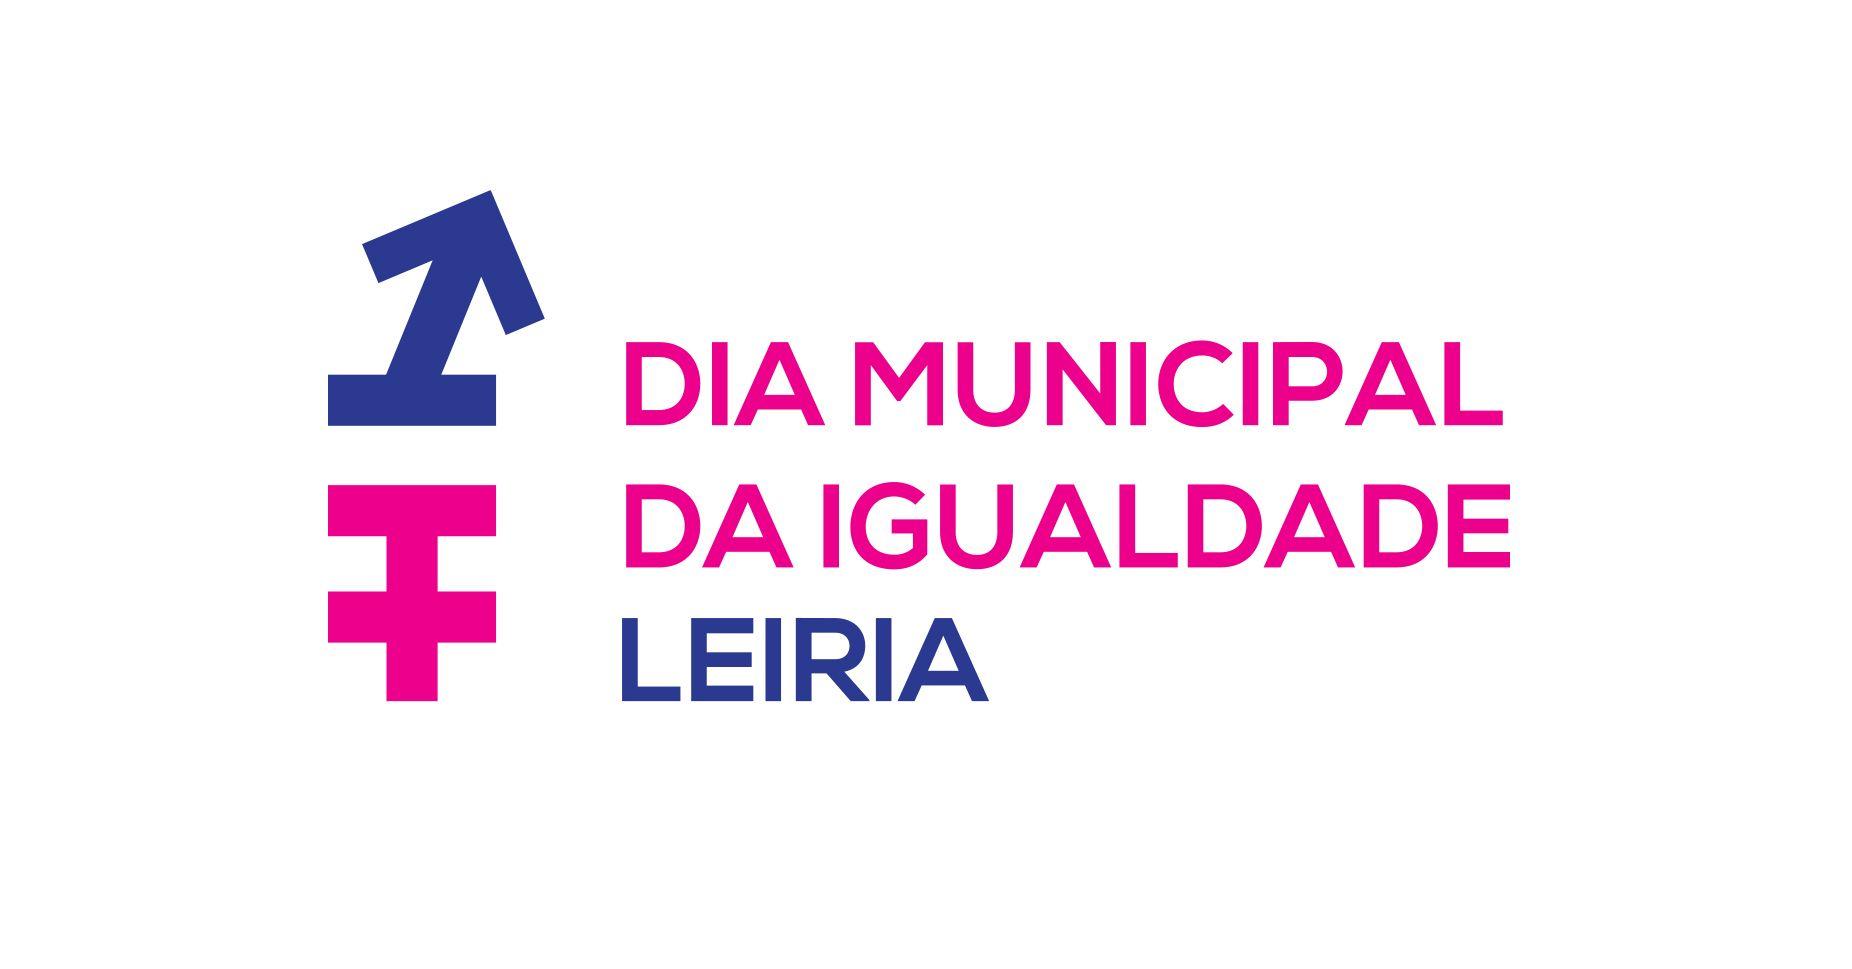 Identidade para o Dia Municipal da Igualdade - Leiria. Design: Fausto Vicente, Samuel Ramos e João Morgadinho